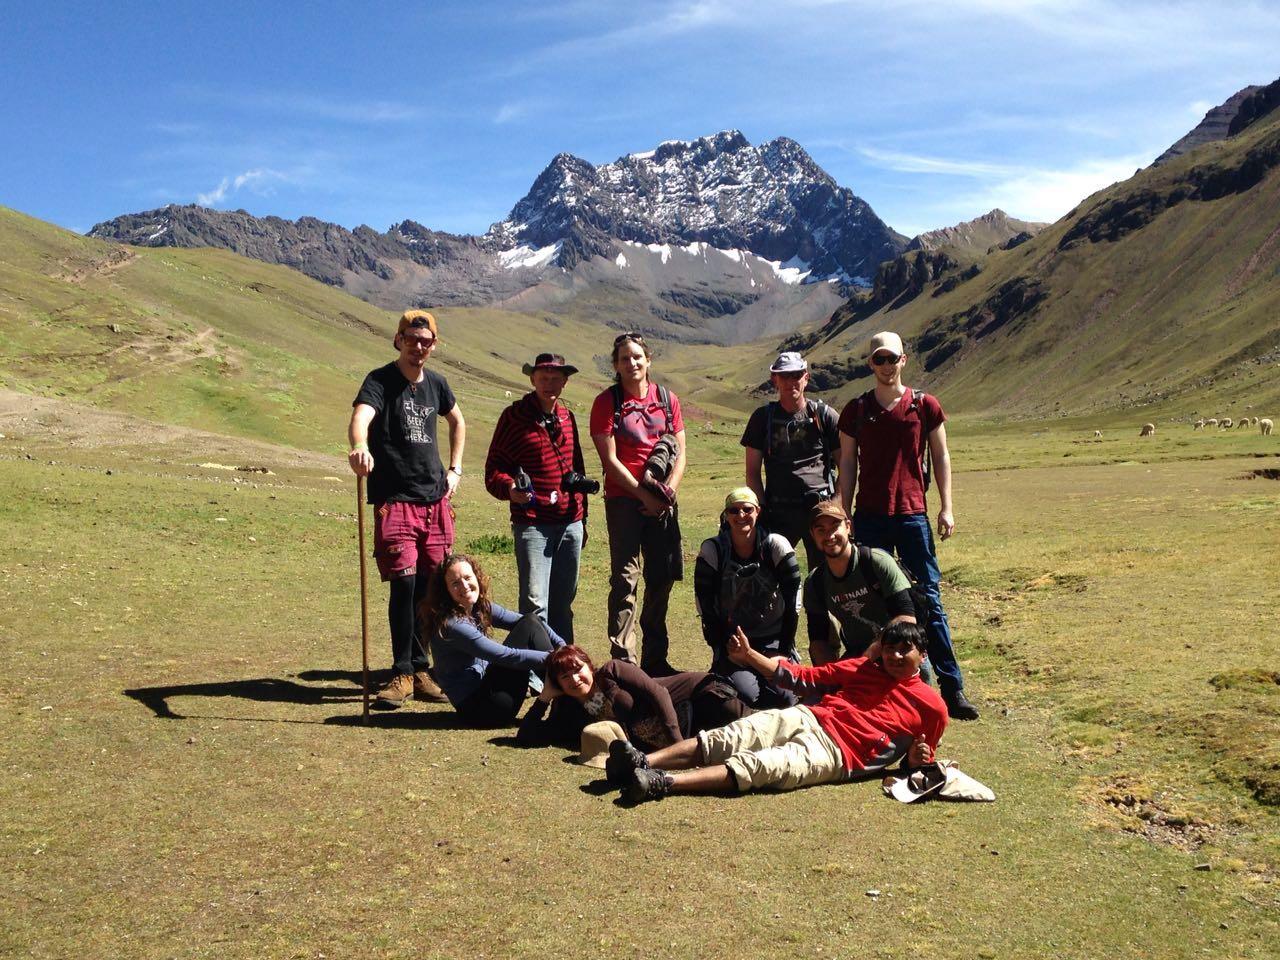 在秘鲁旅游